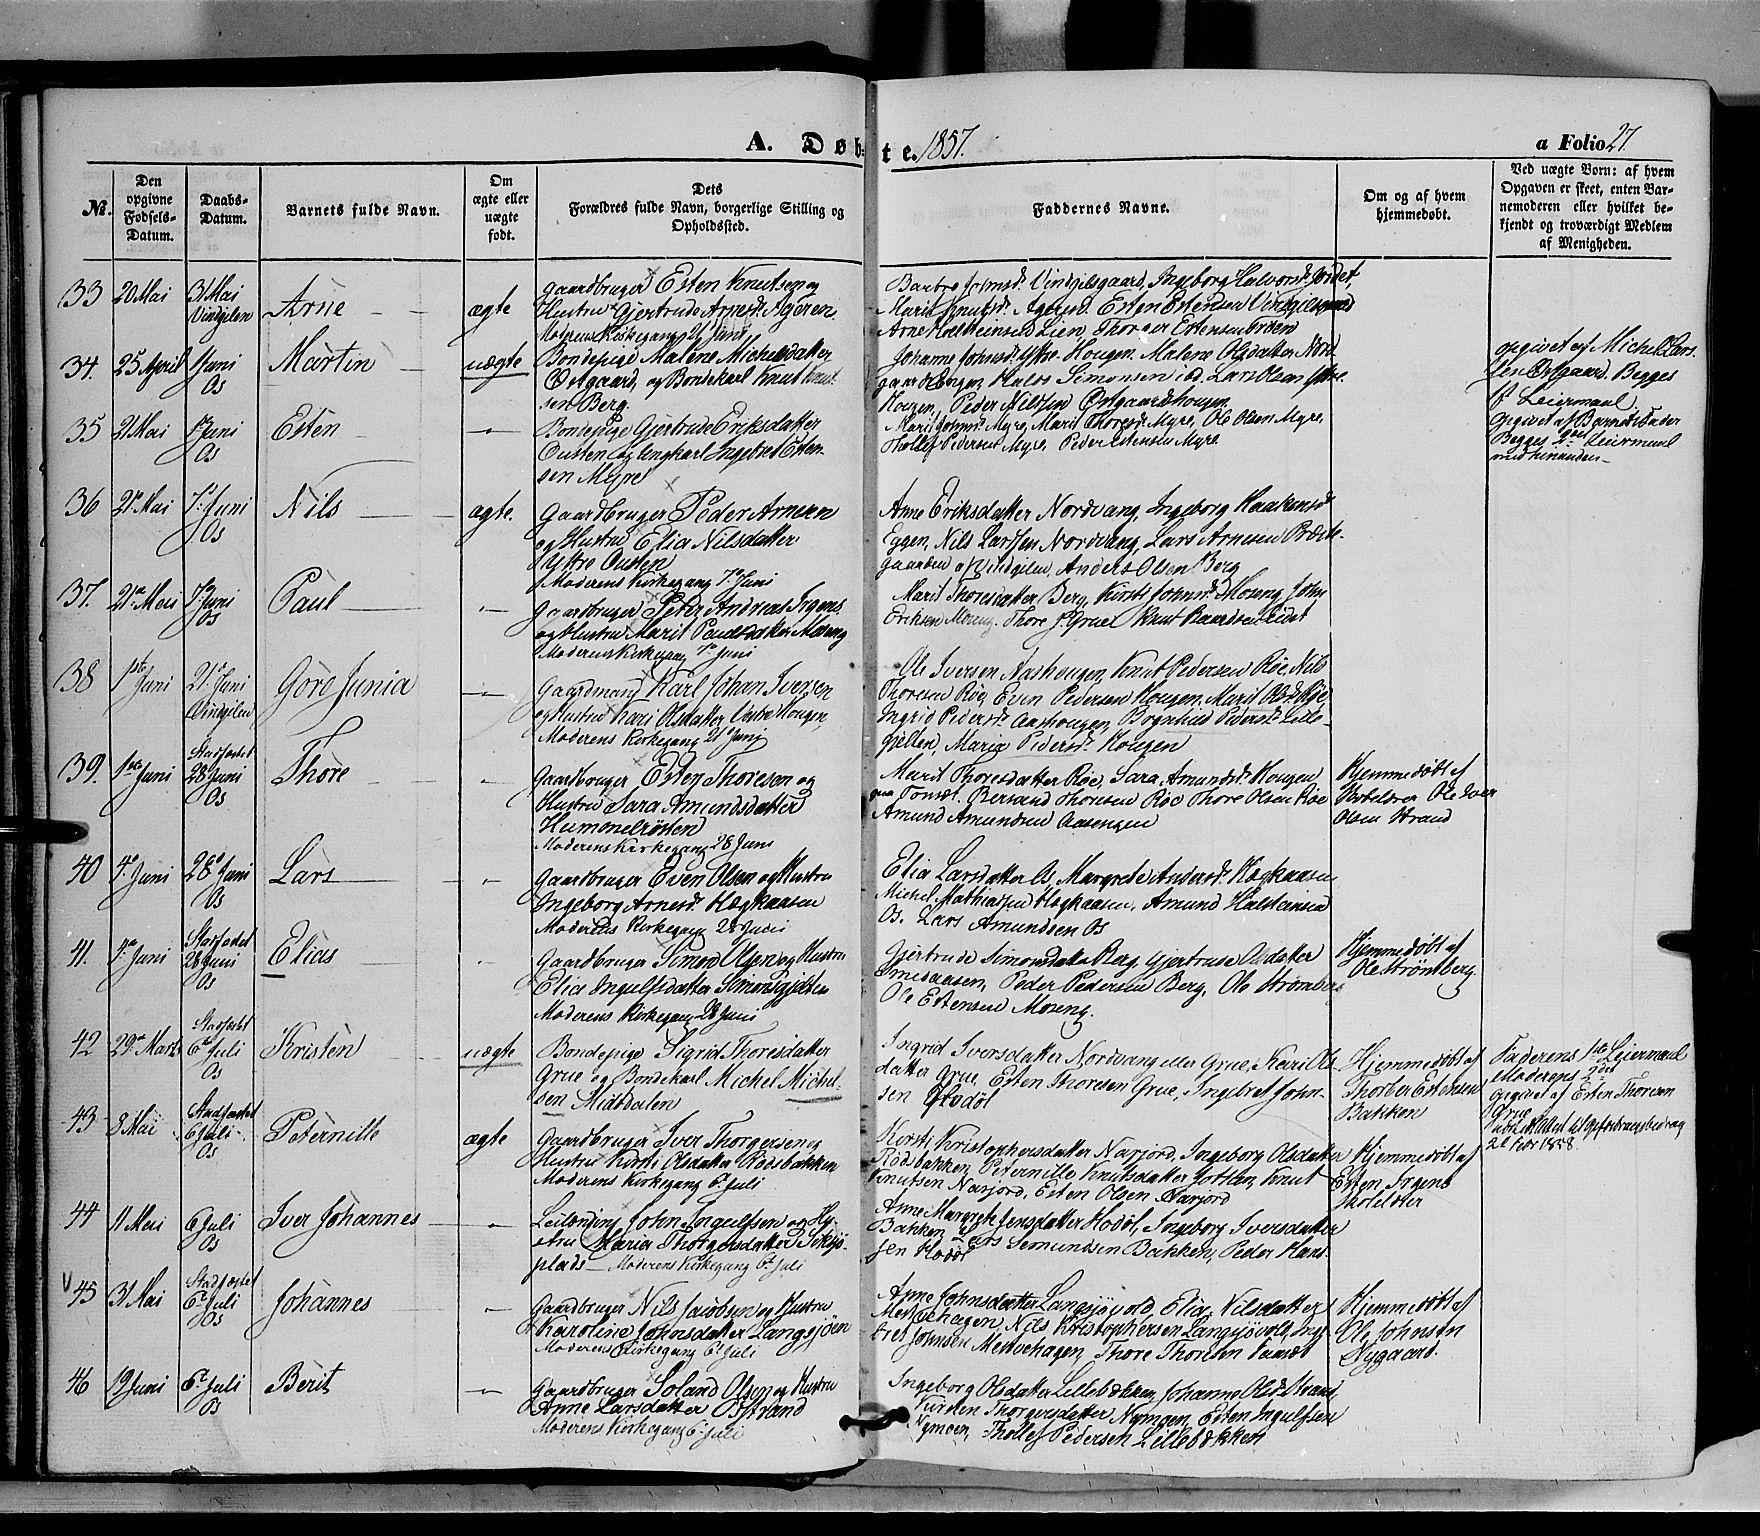 SAH, Tolga prestekontor, K/L0006: Ministerialbok nr. 6, 1852-1876, s. 27